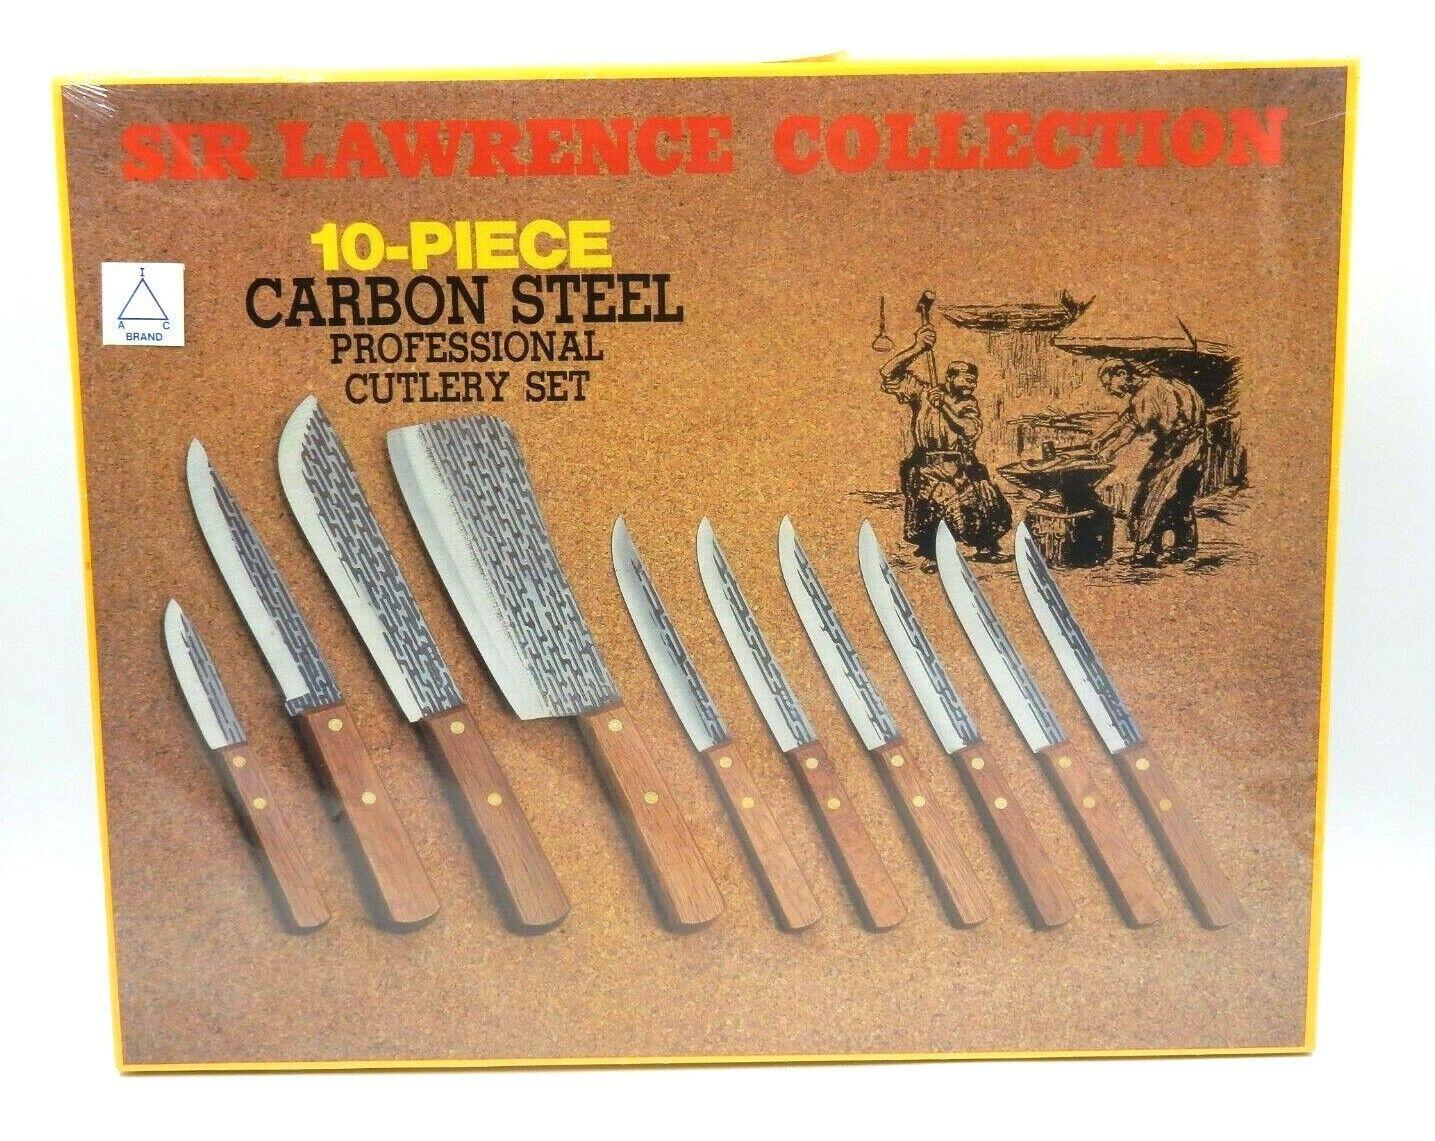 Nouveau-SIR LAWRENCE COLLECTION 10 pièces en acier au carbone Professionnel Set de couverts